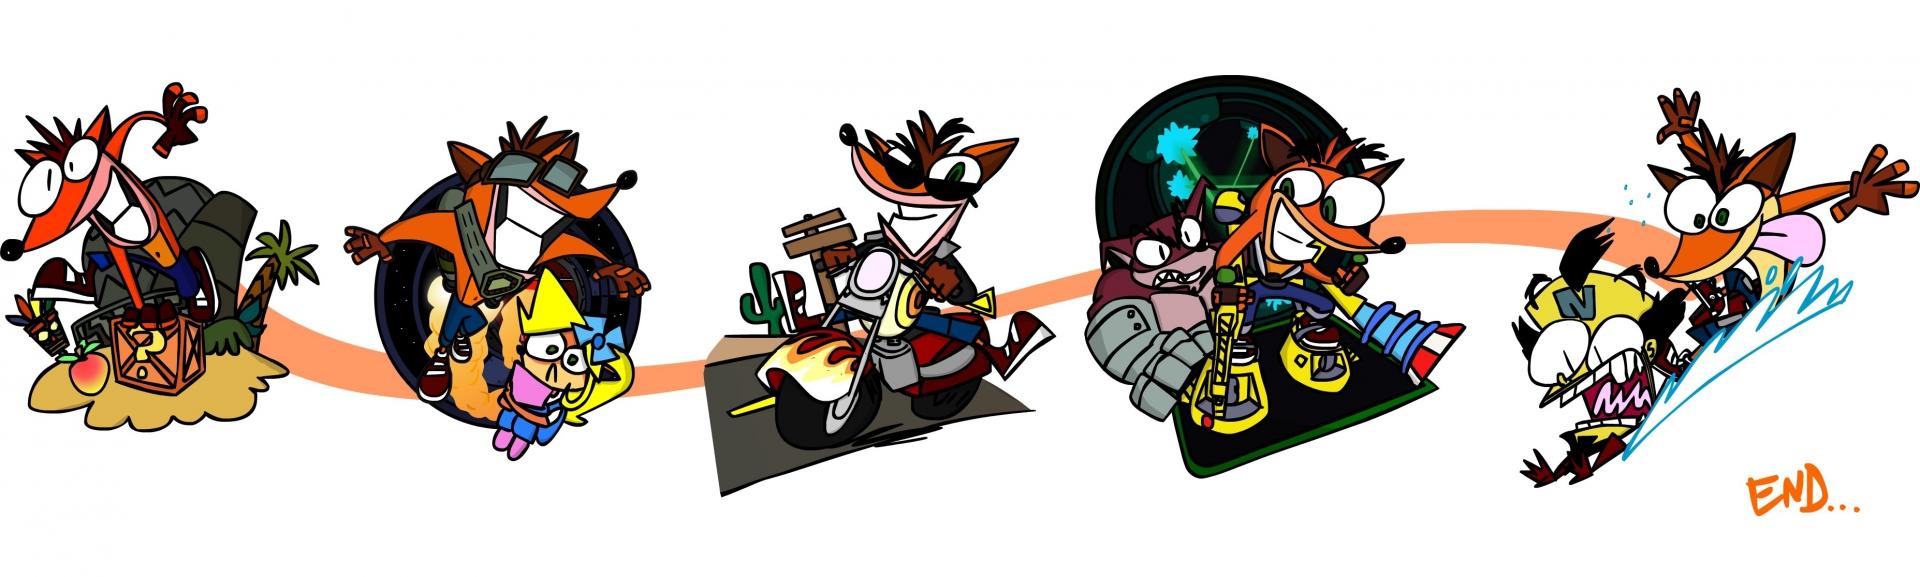 Арт к игре Crash Bandicoot